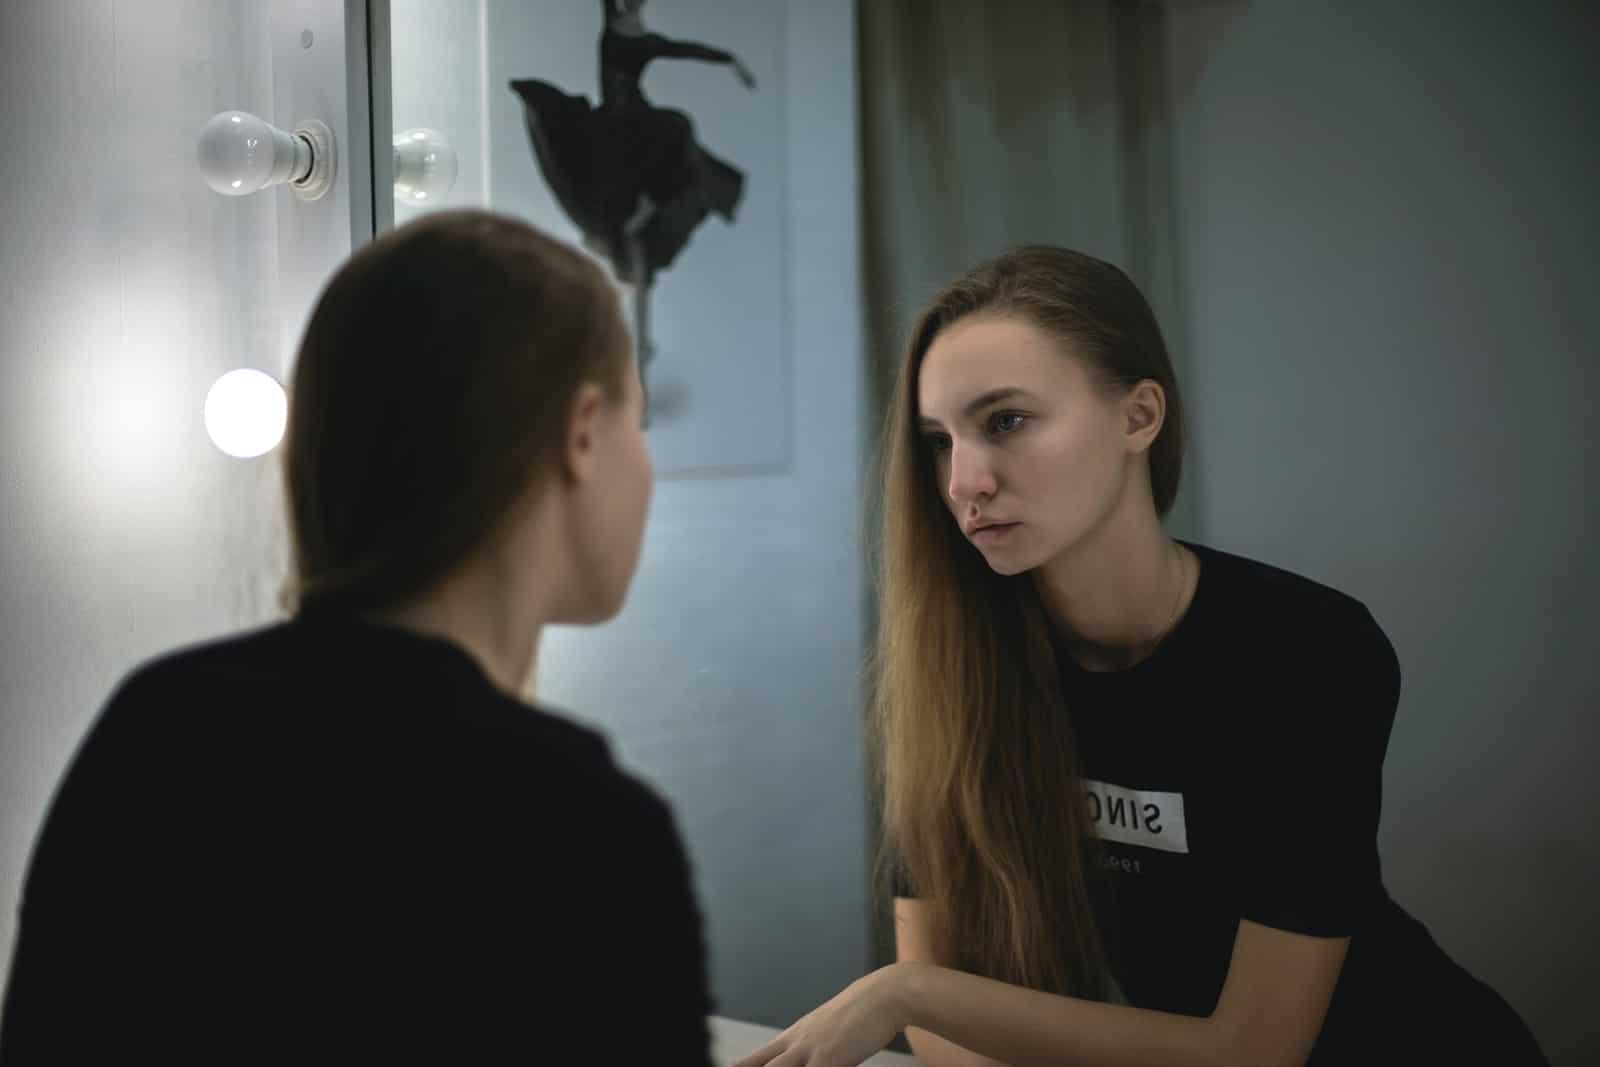 Frau, die sich beim Nachdenken in den Spiegel schaut